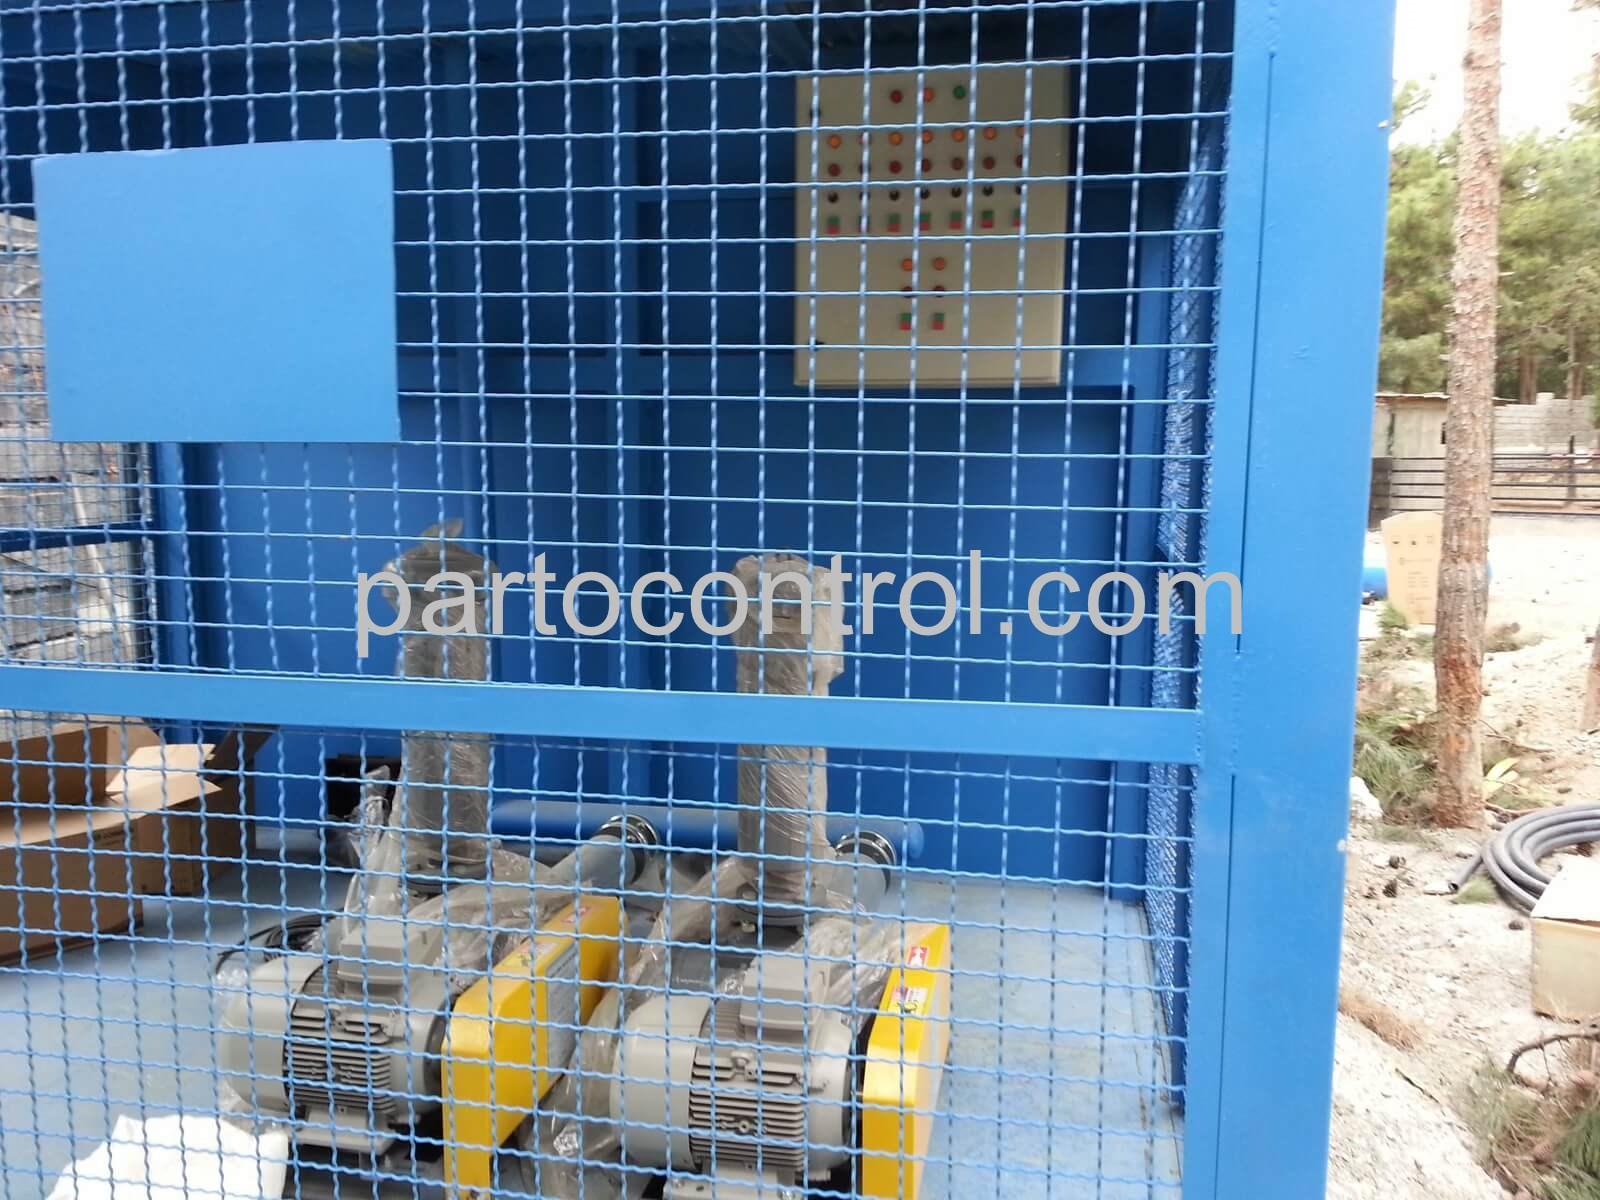 پکیج تصفیه فاضلاب کشتارگاه2Slaughterhouse wastewater treatment package - پروژه تصفیه فاضلاب کشتارگاه